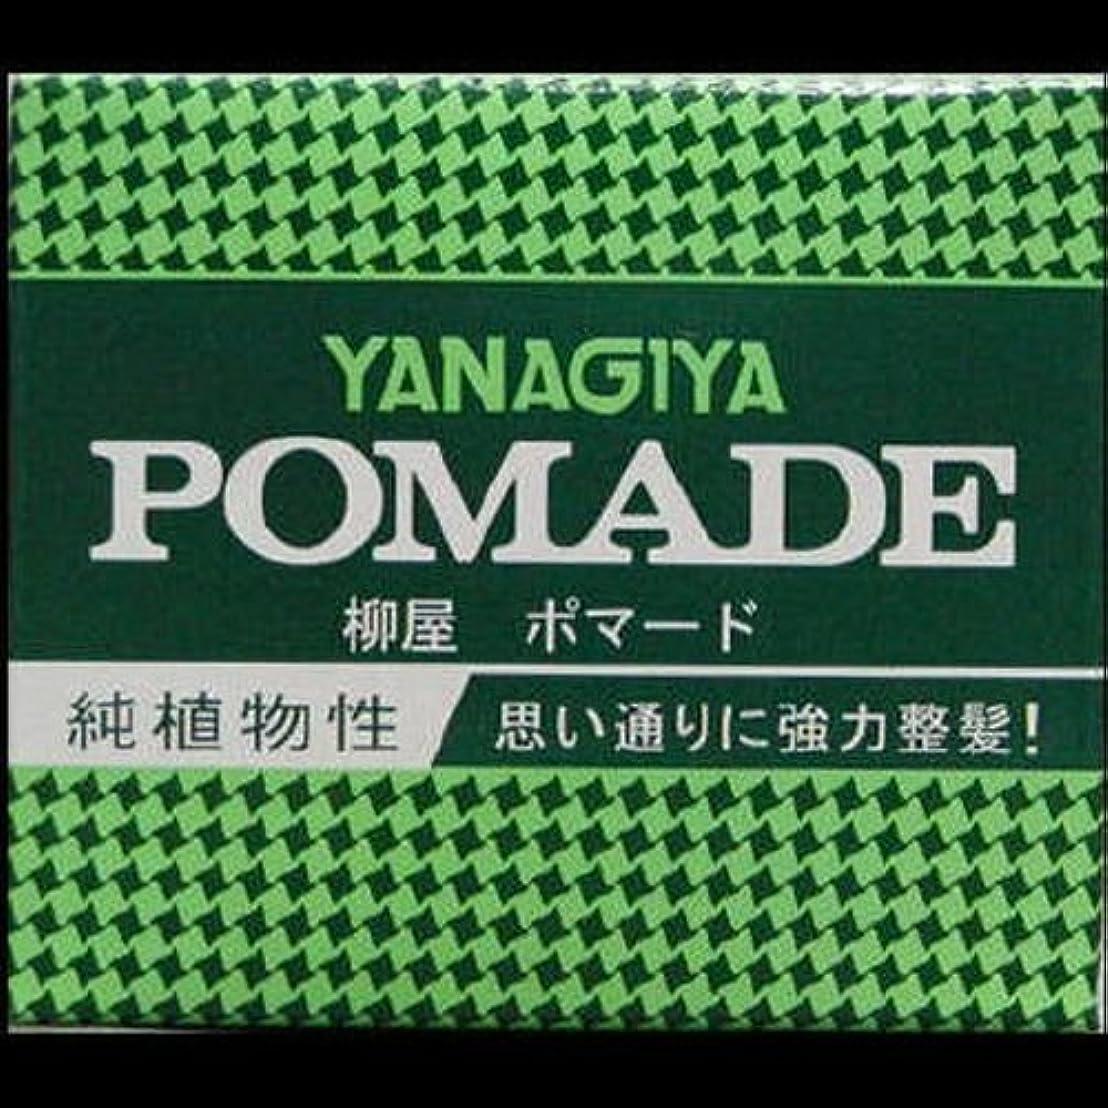 磁気旧正月不適【まとめ買い】柳屋 ポマード大 120g ×2セット